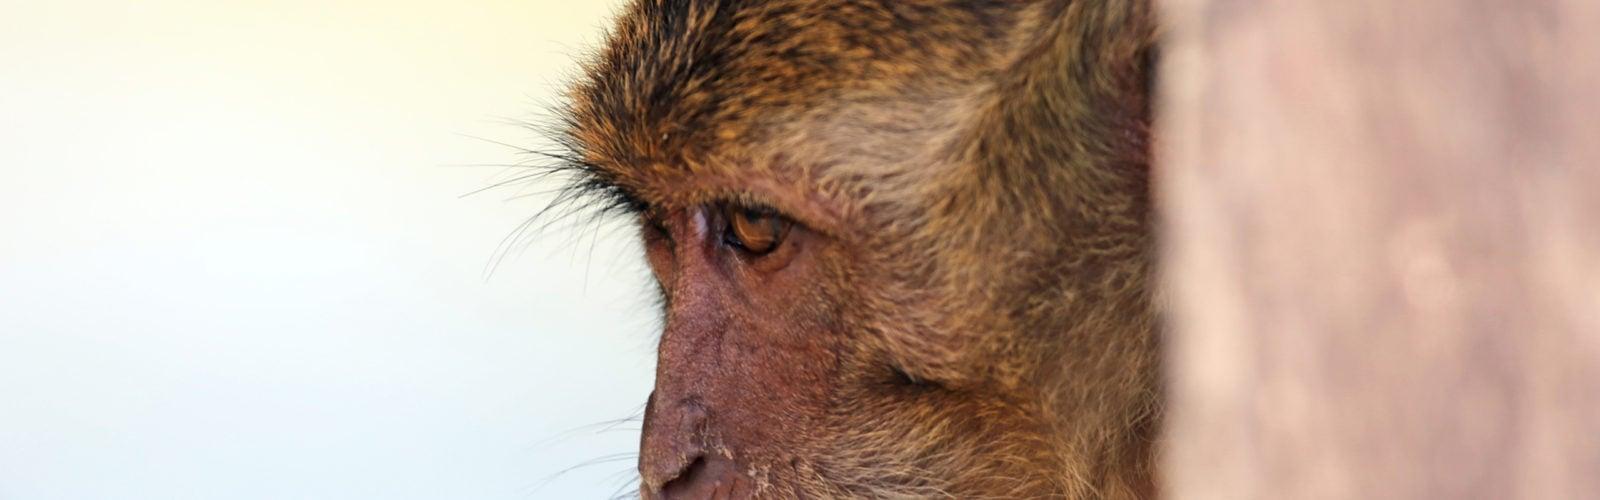 rinca-komodo-monkey